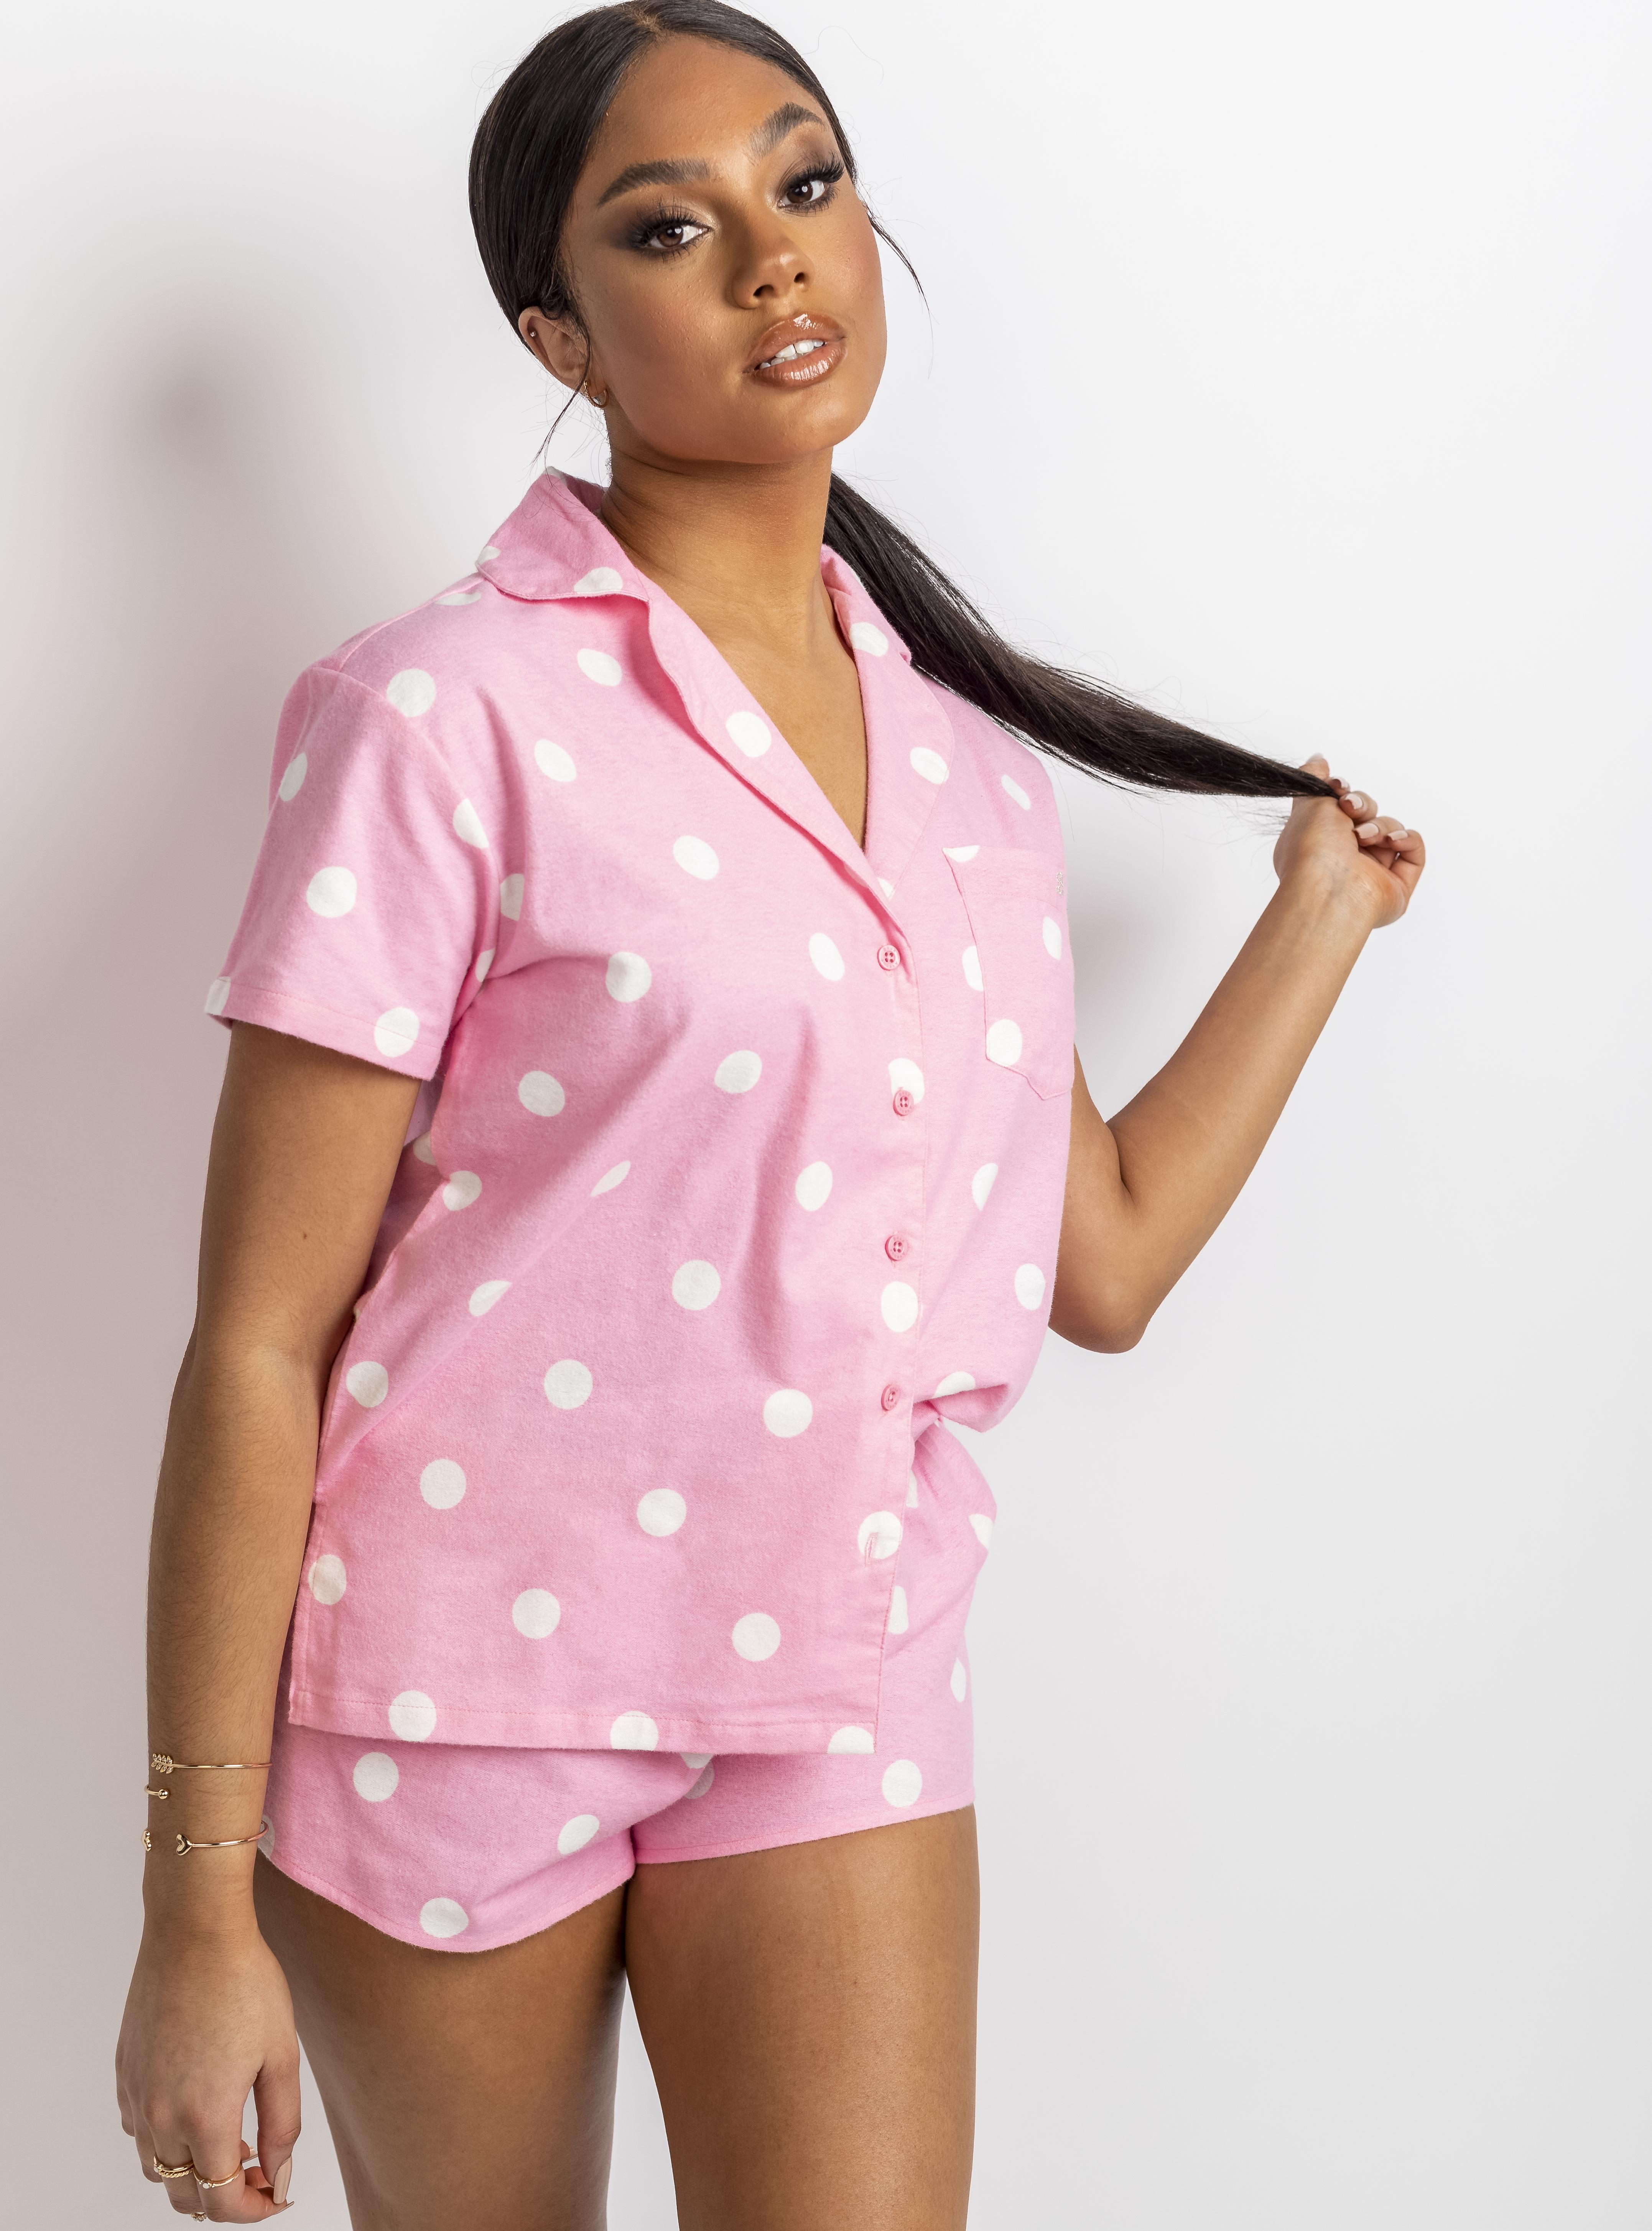 women wearing pink short pyjamas